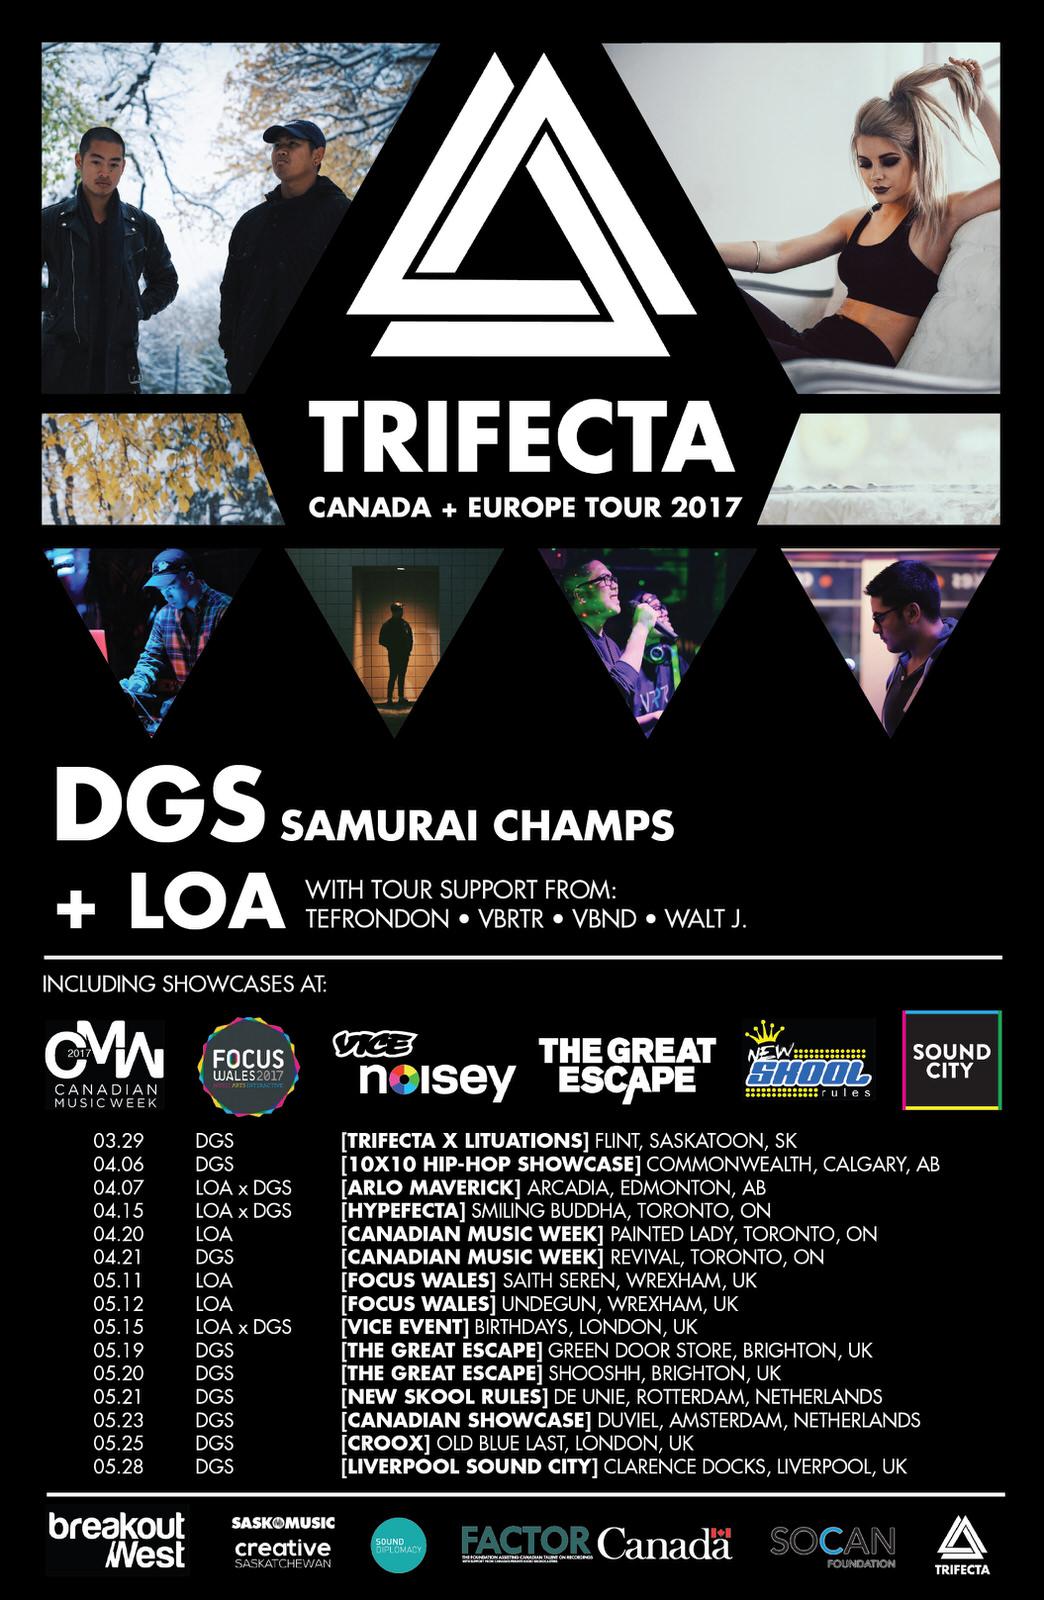 Trifecta Canada UK Tour 2017-01.jpg